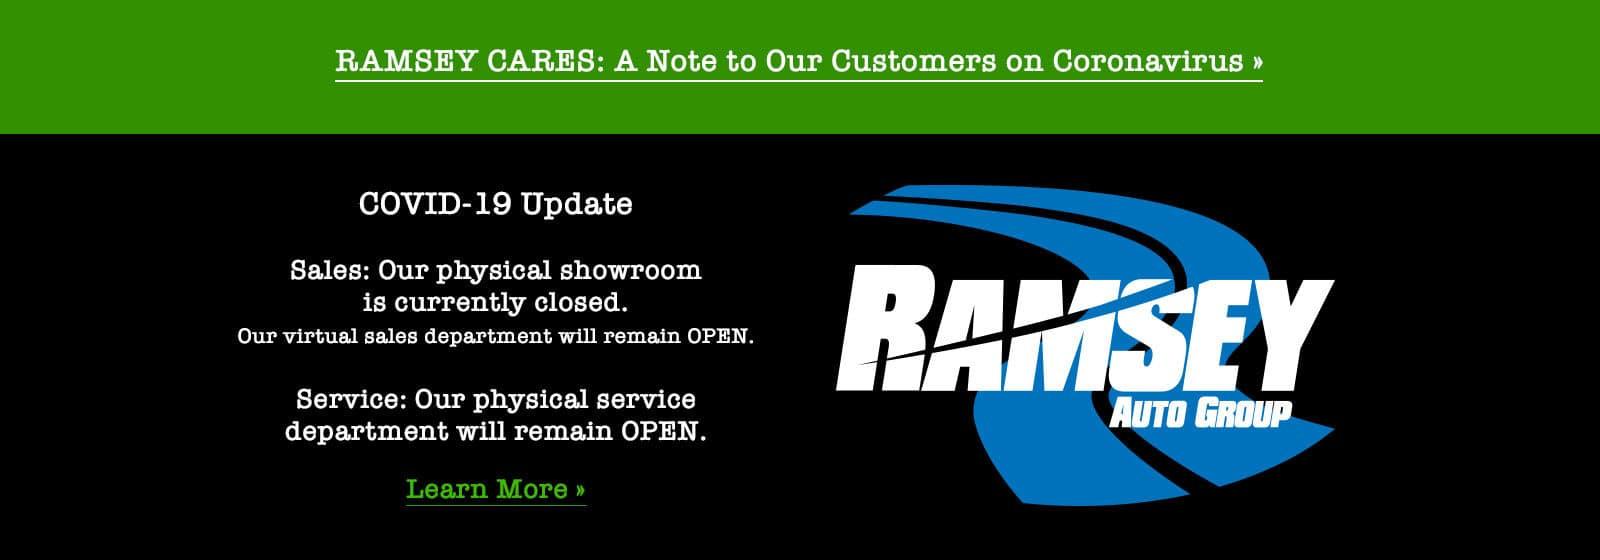 showroom closed, service dept open